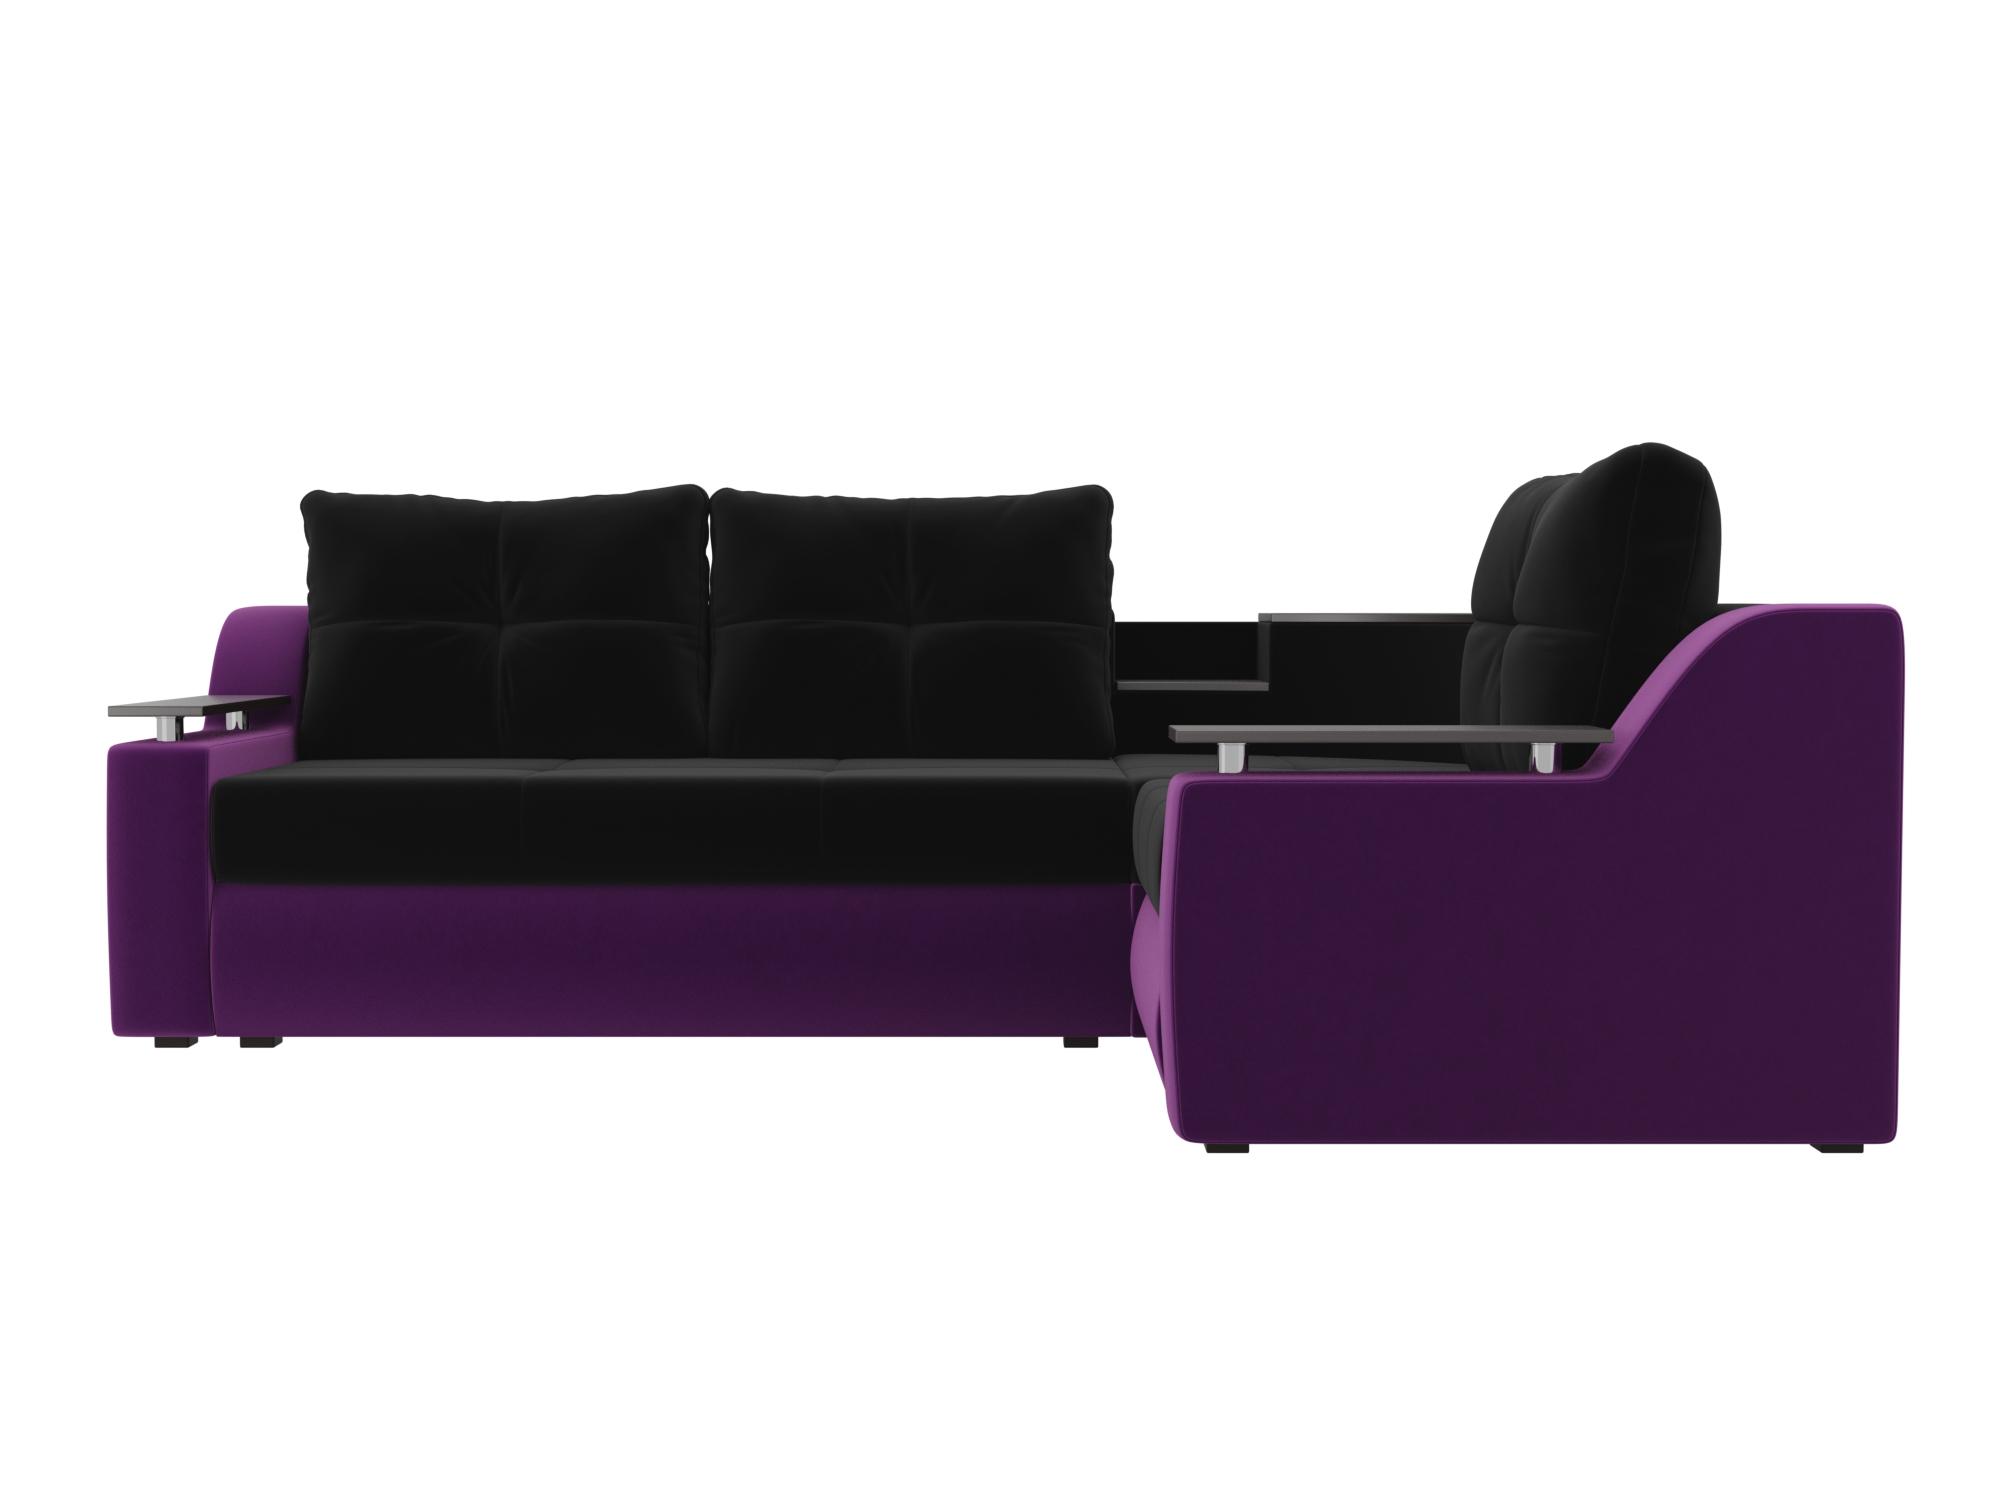 Угловой диван Тесей Правый MebelVia Черный, Фиолетовый, Микровельвет Фиолетовый, Черный